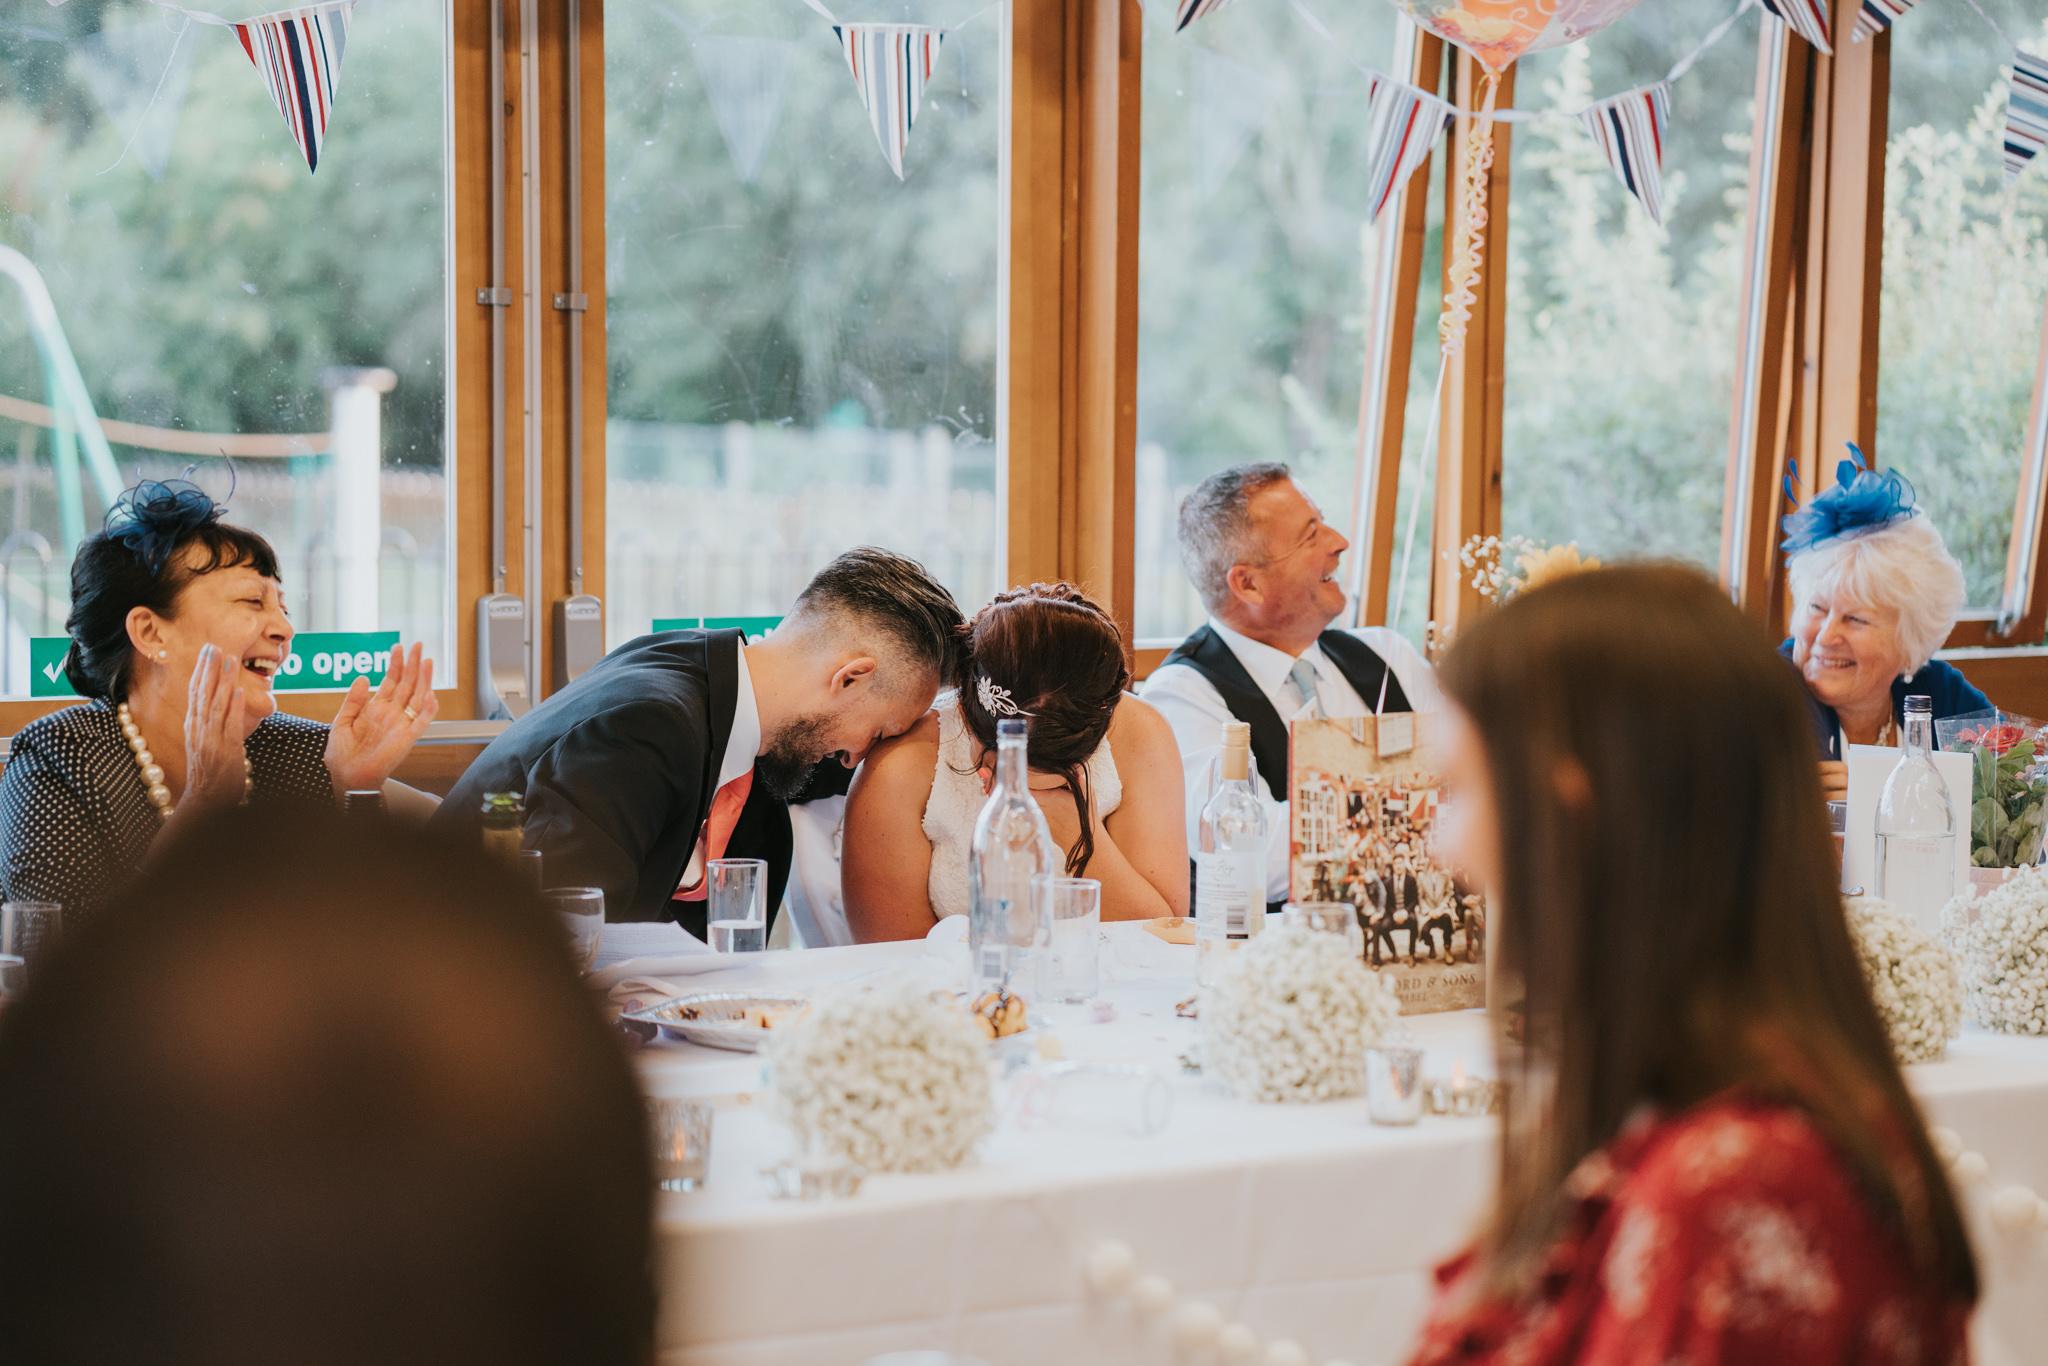 Joe-Tiffany-Colchester-Castle-Wedding-Essex-Grace-Elizabeth-Colchester-Essex-Alternative-Wedding-Photographer-Suffolk-Norfolk-Devon (100 of 122).jpg